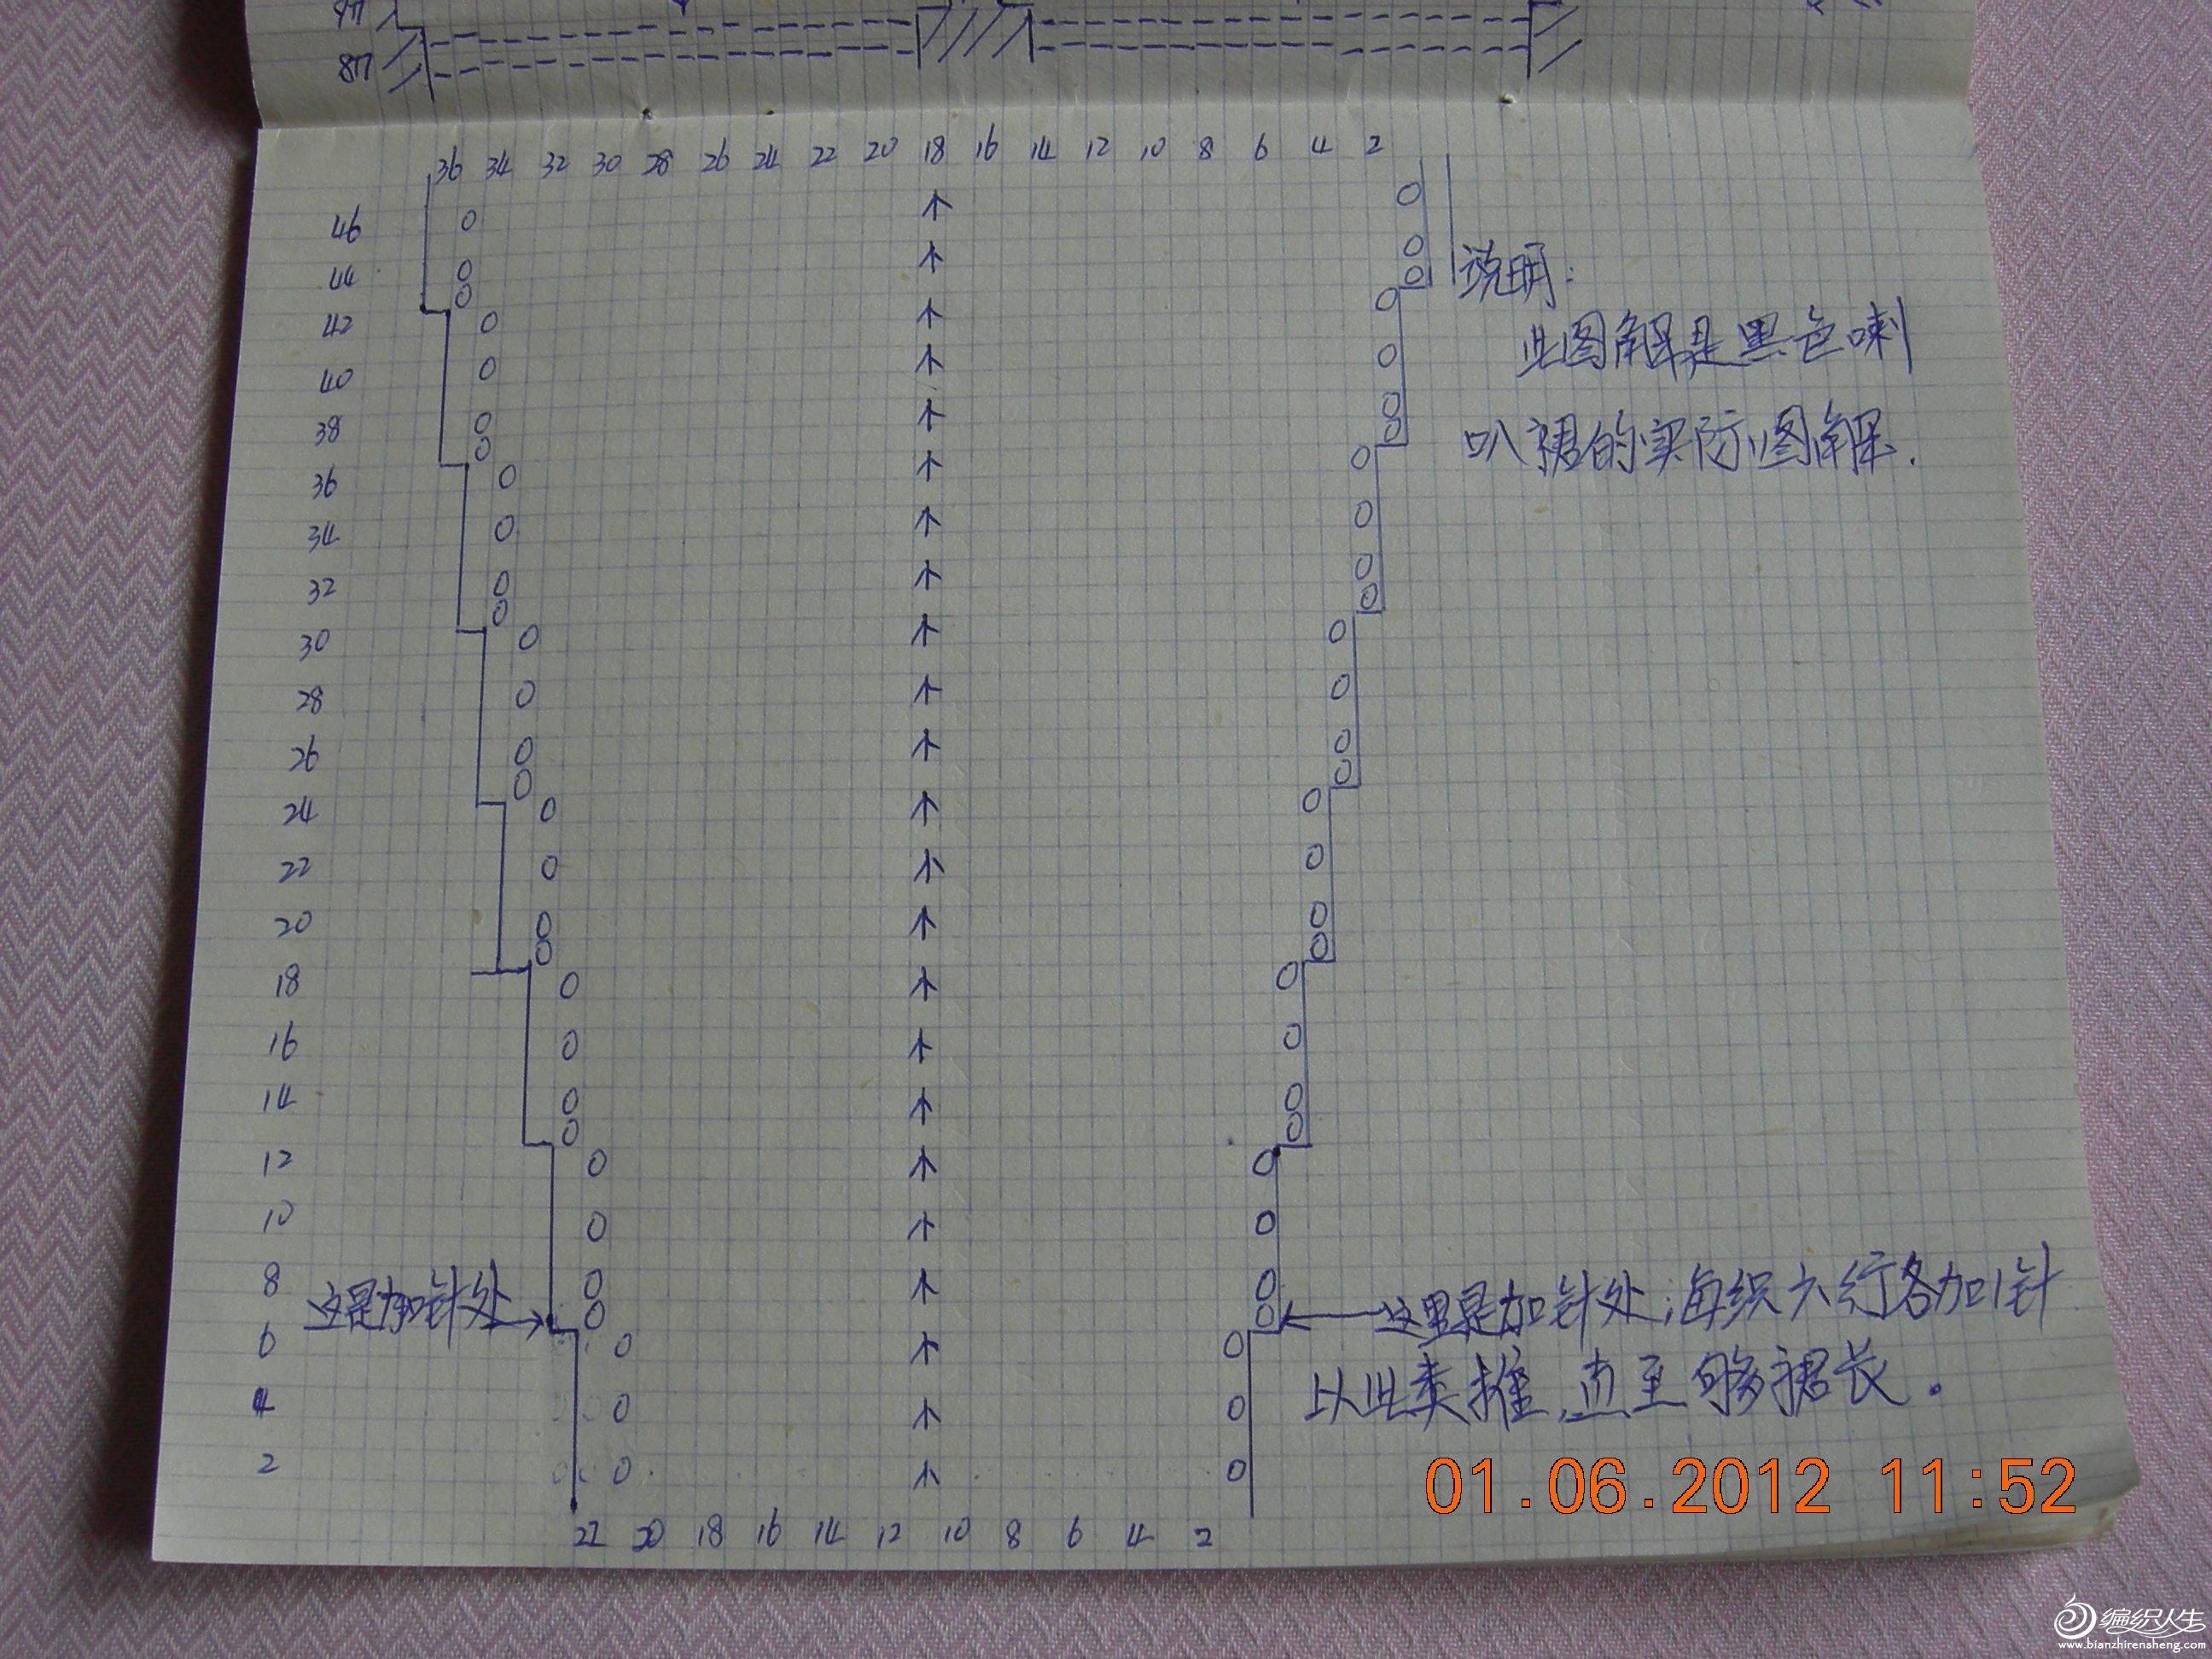 DSCN2882.JPG